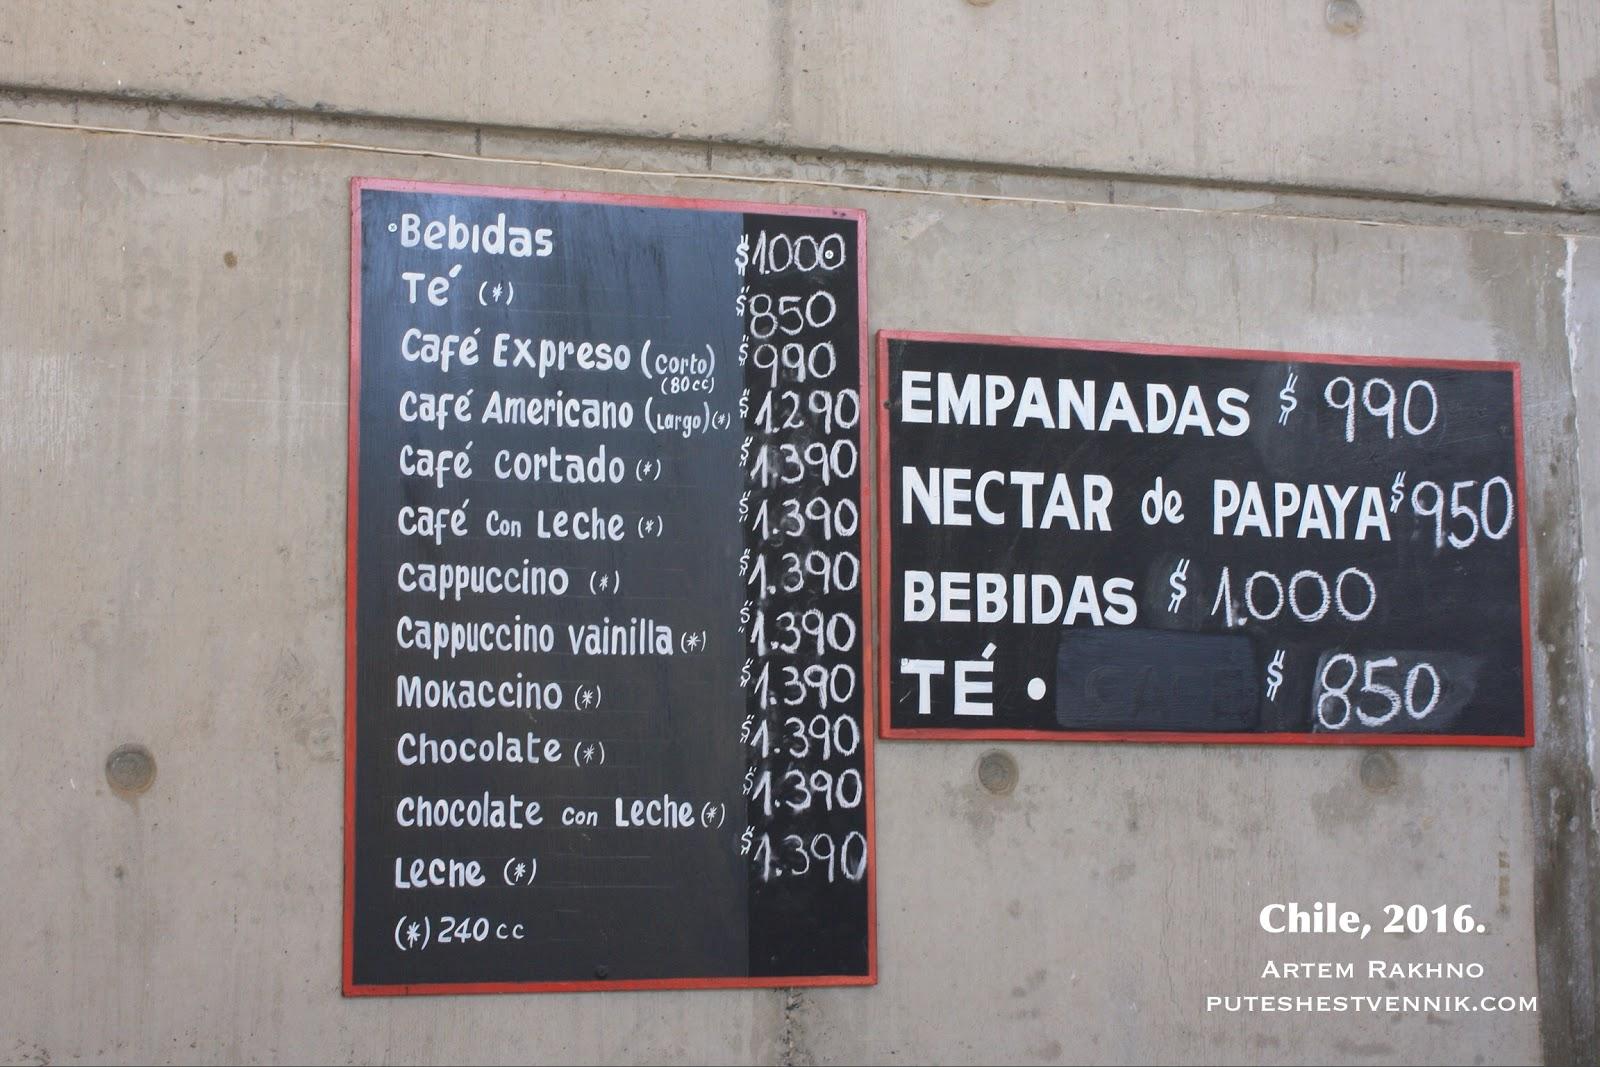 Прайс-лист в магазине в Чили